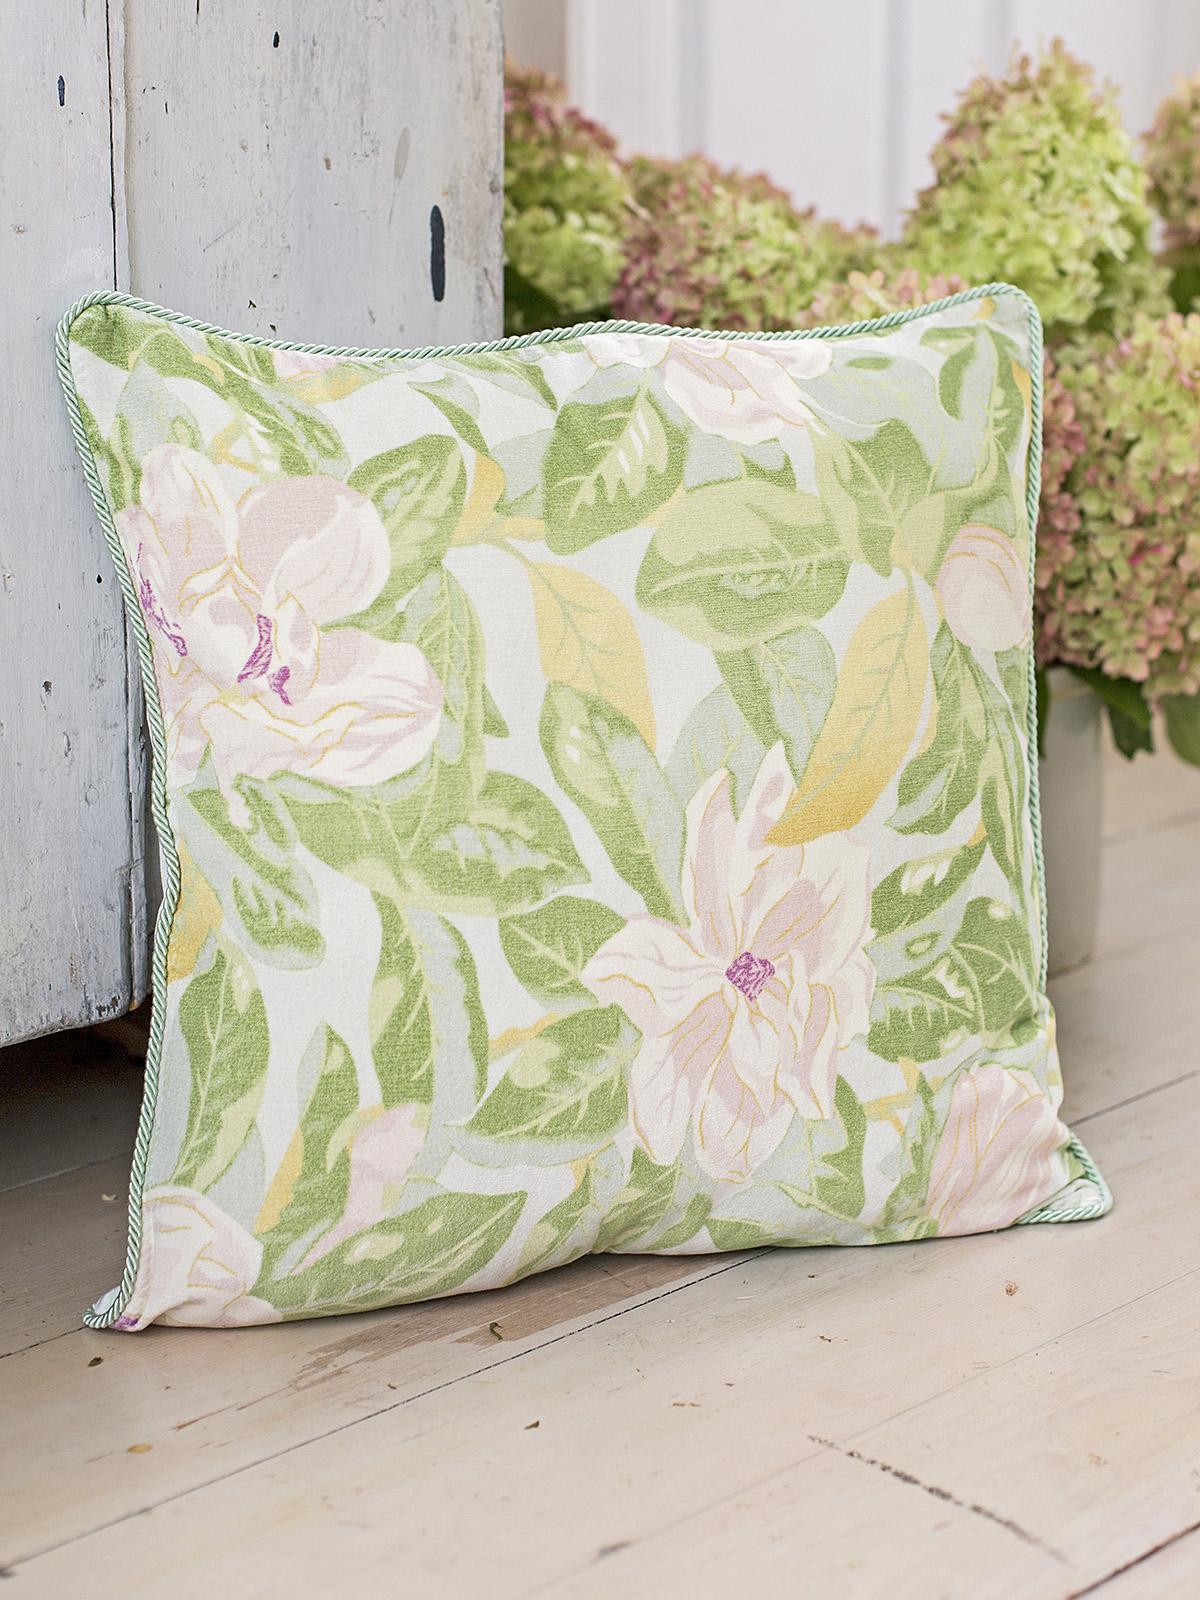 Magnolia Velvet Cushion Cover